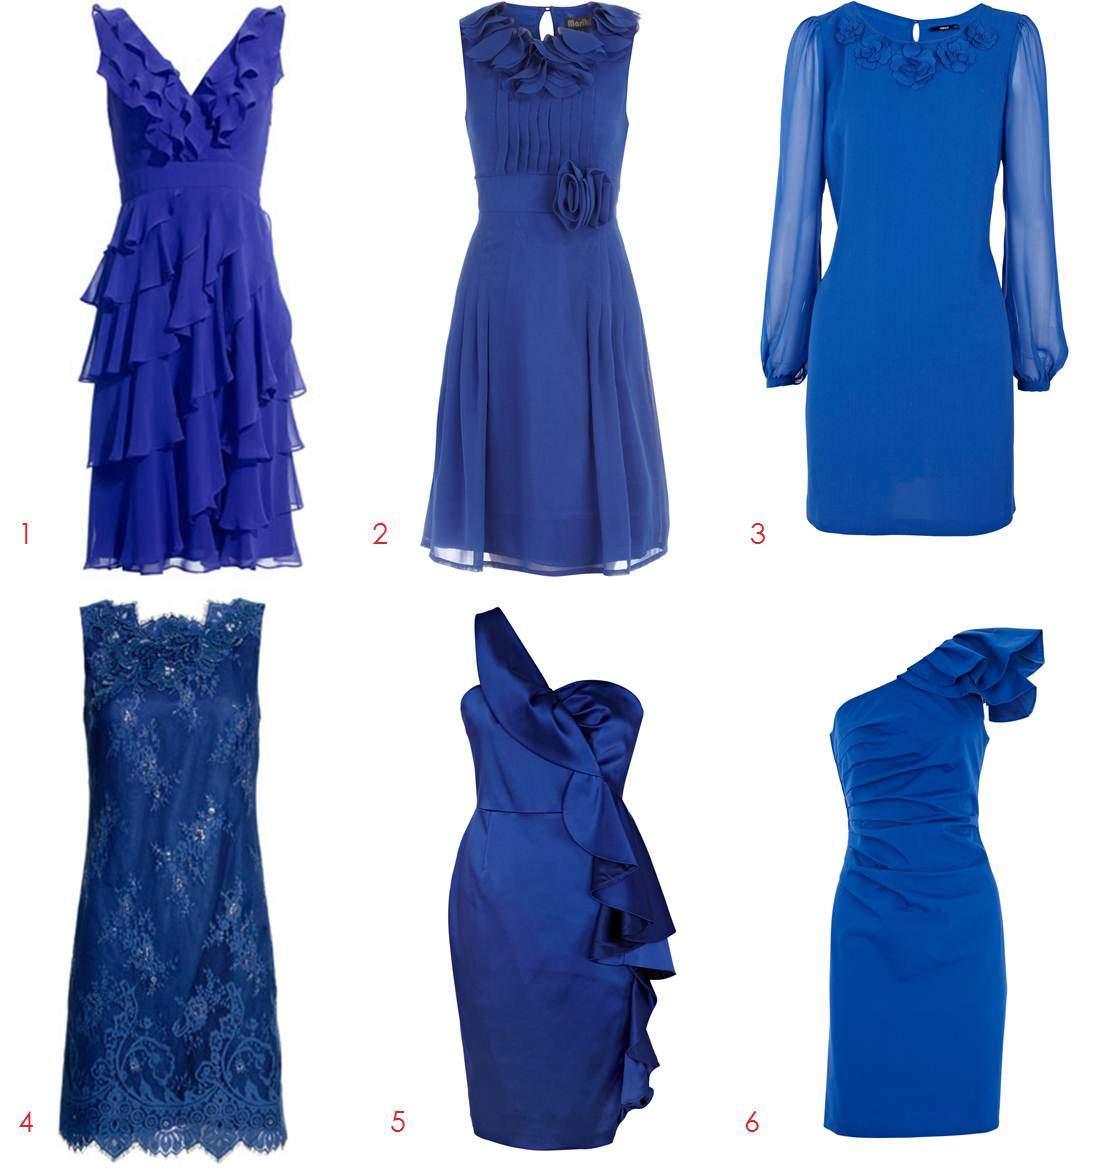 Cobalt Blue Bridesmaid Dresses Pictures, Cobalt Blue ...